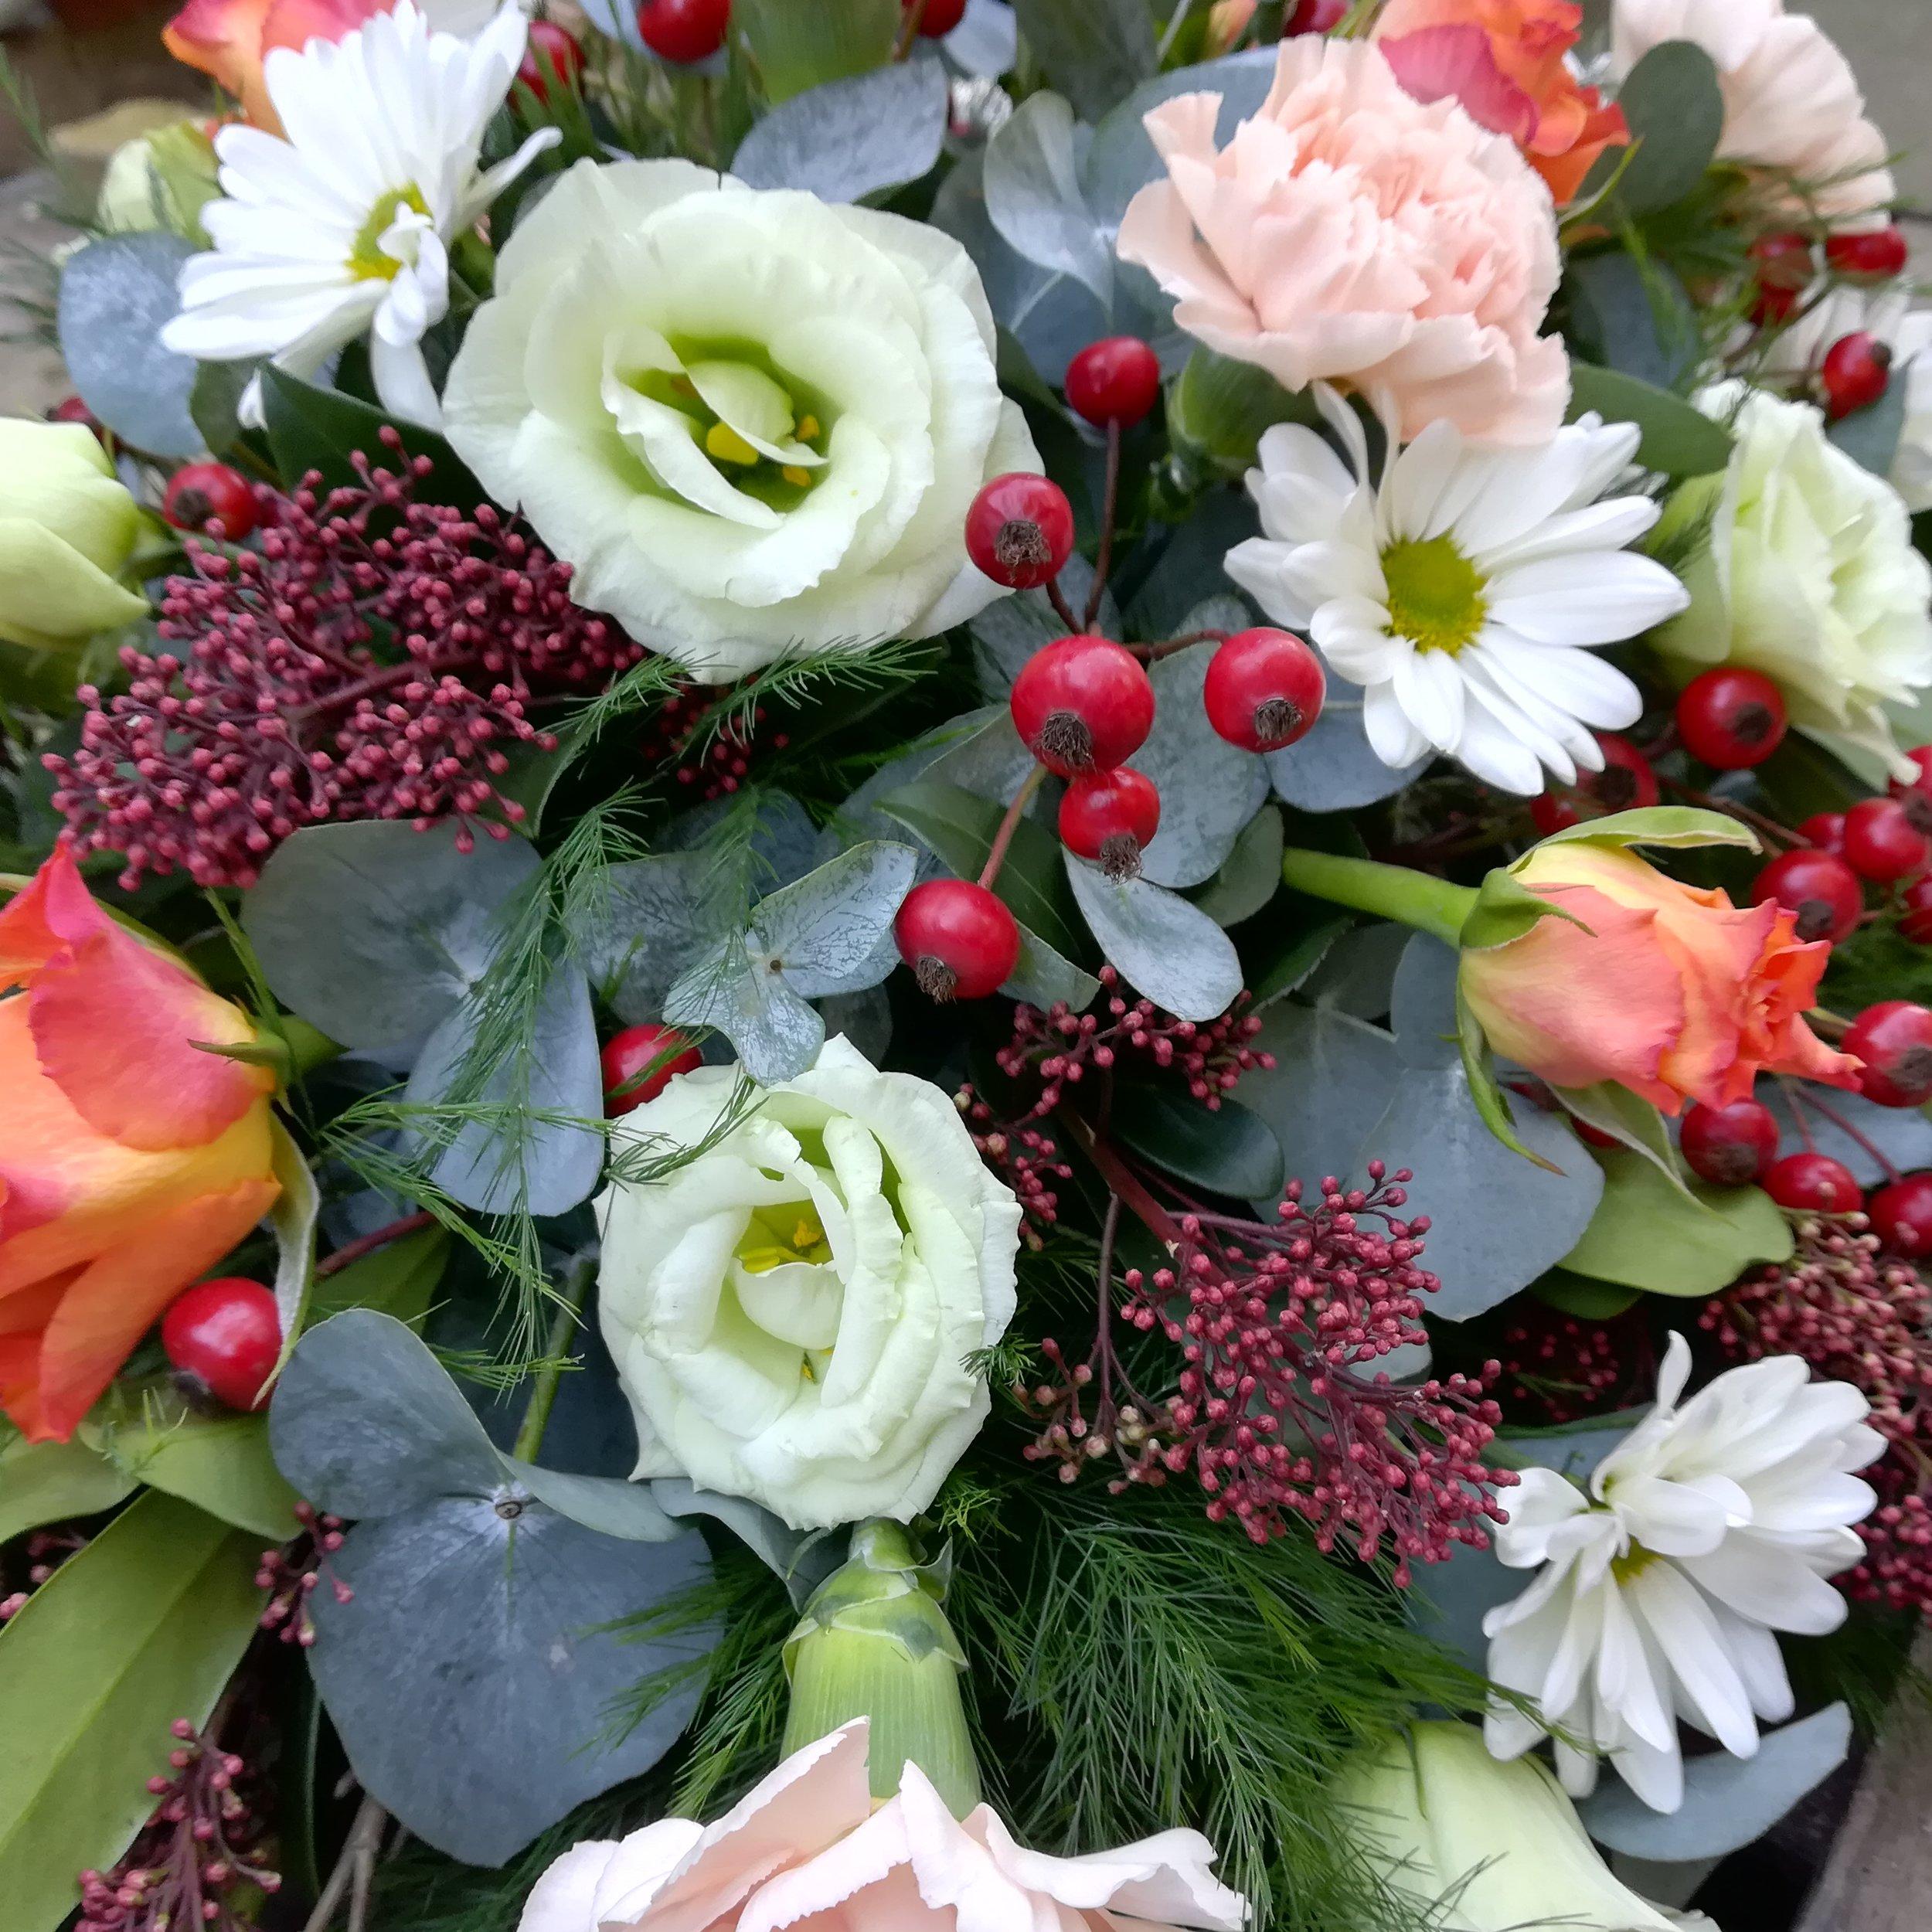 Autumn Funeral Flowers Inc. Berries.jpg